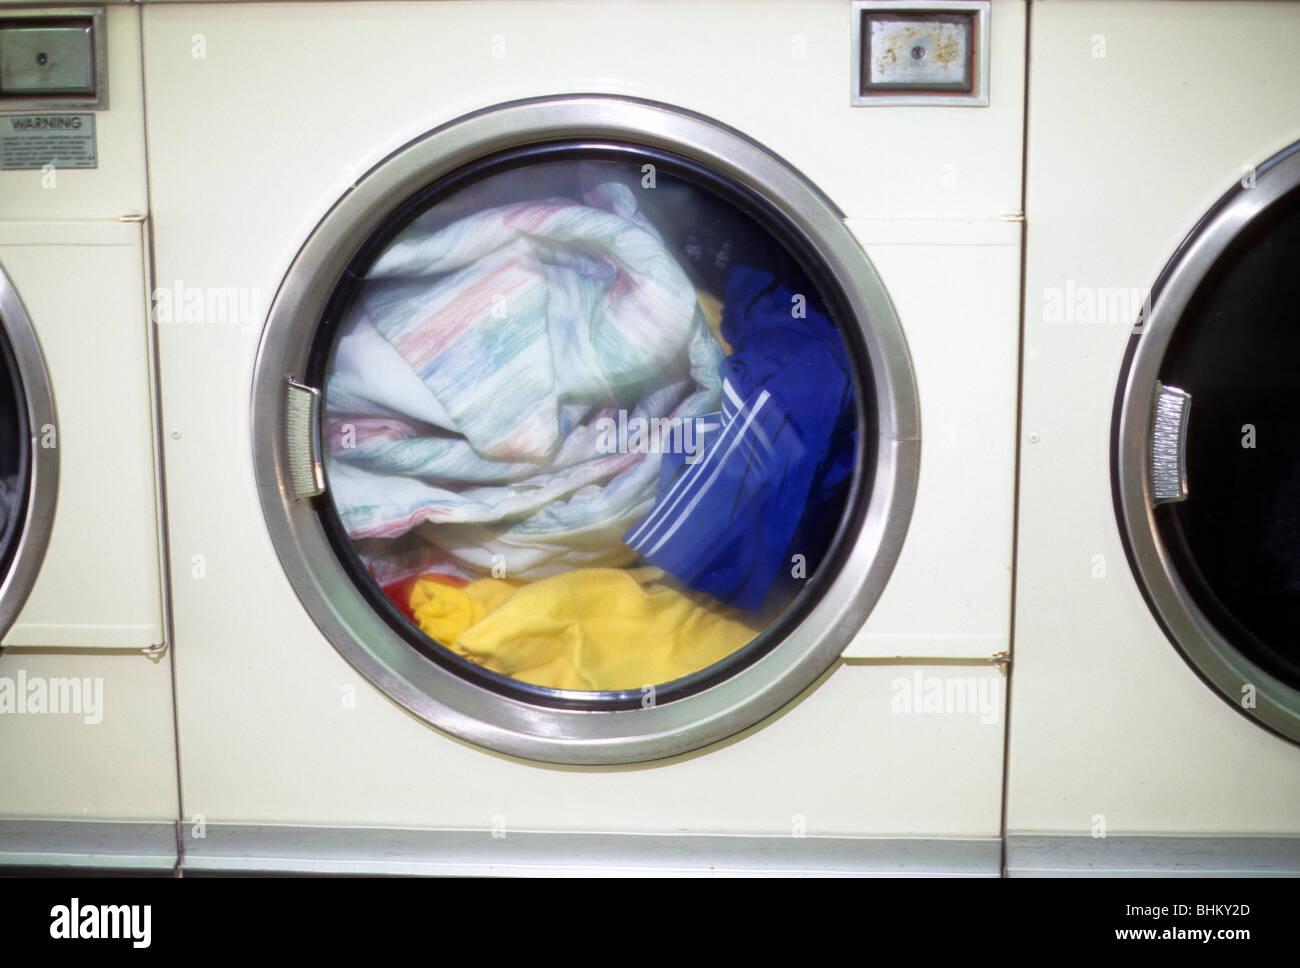 Kleidung trockner trockner wäschetrockner stoff pflege saubere